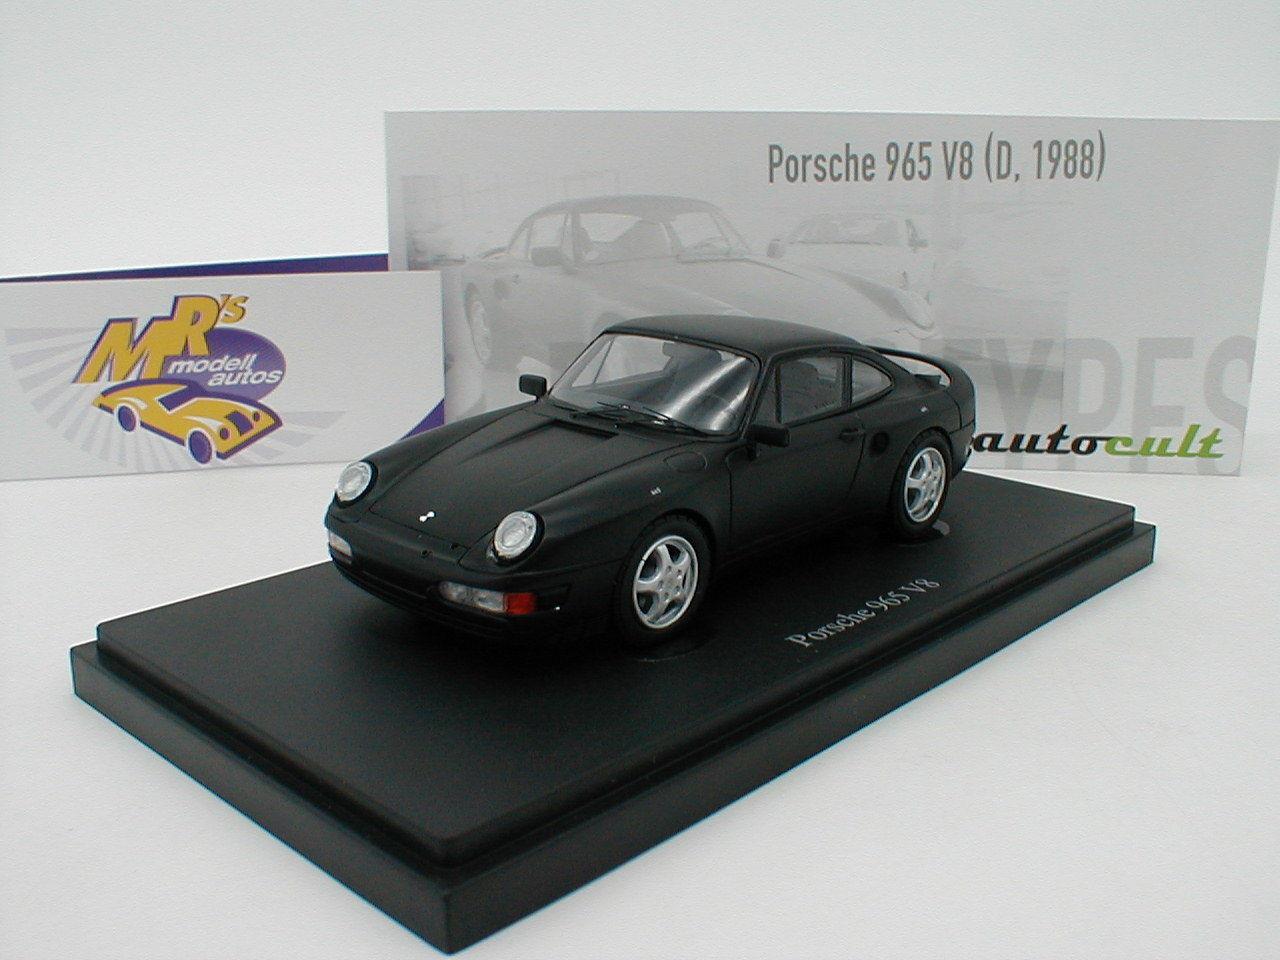 Autocult 06031-Porsche 965 v8  année-modèle 1988  MAT-NOIR  1 43 Nouveauté  bienvenue pour acheter